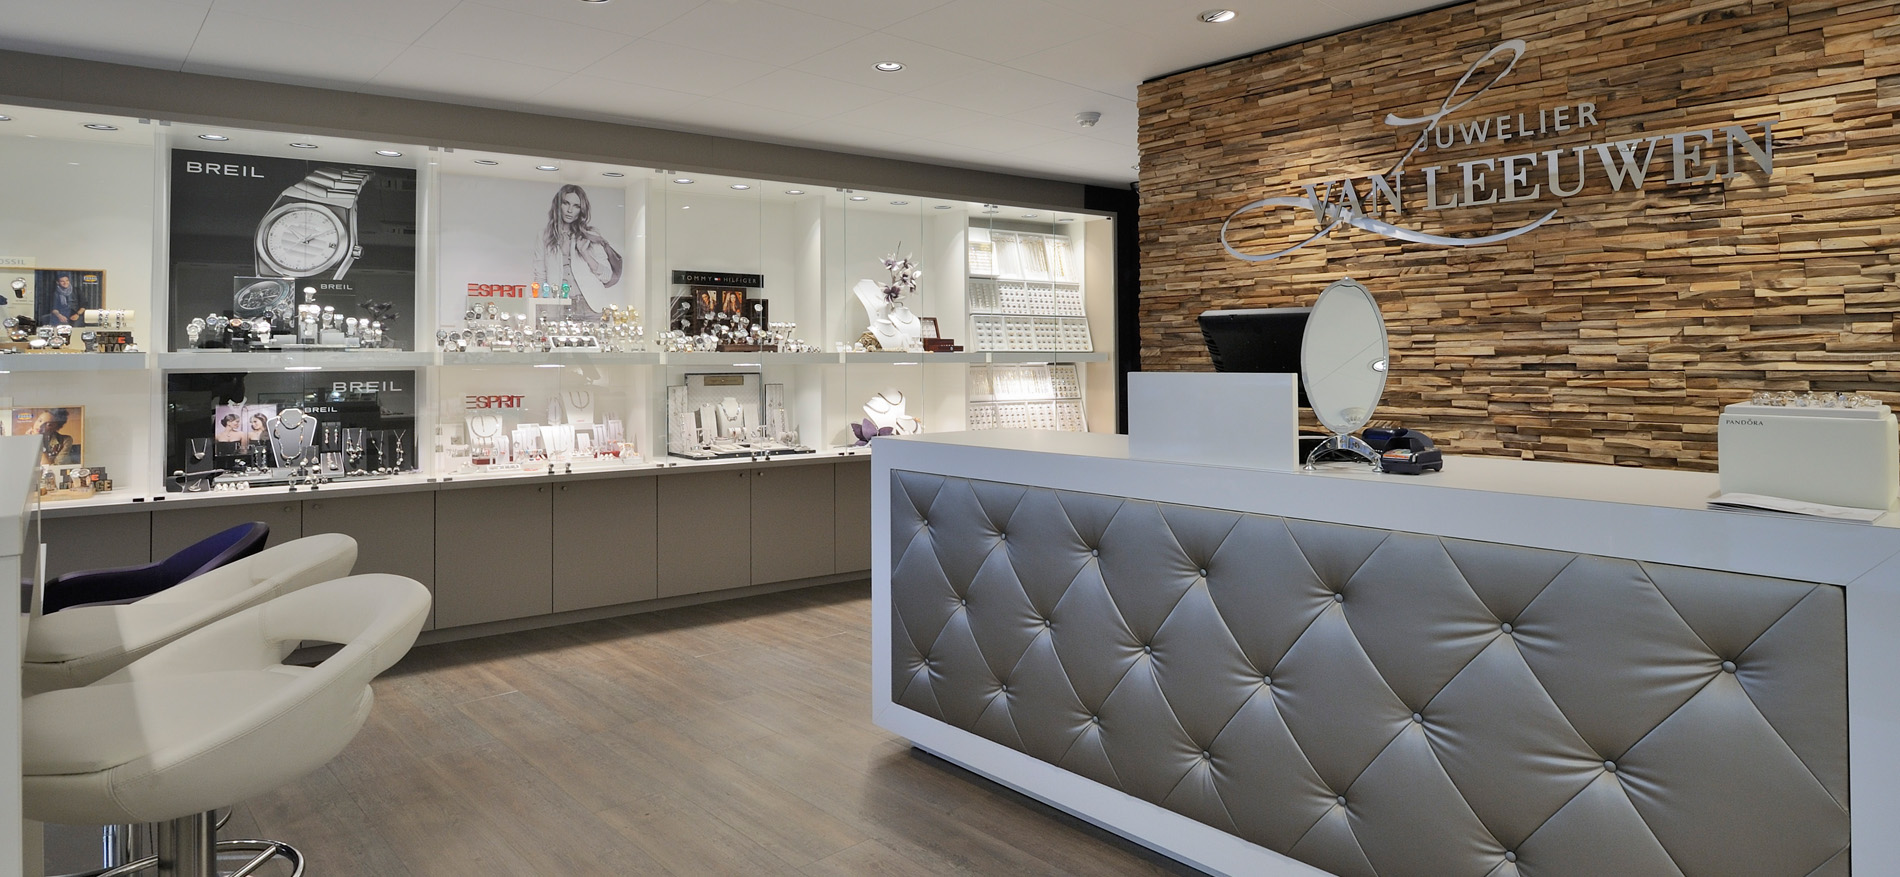 Op zoek naar veilige glassloten juwelier winkel?